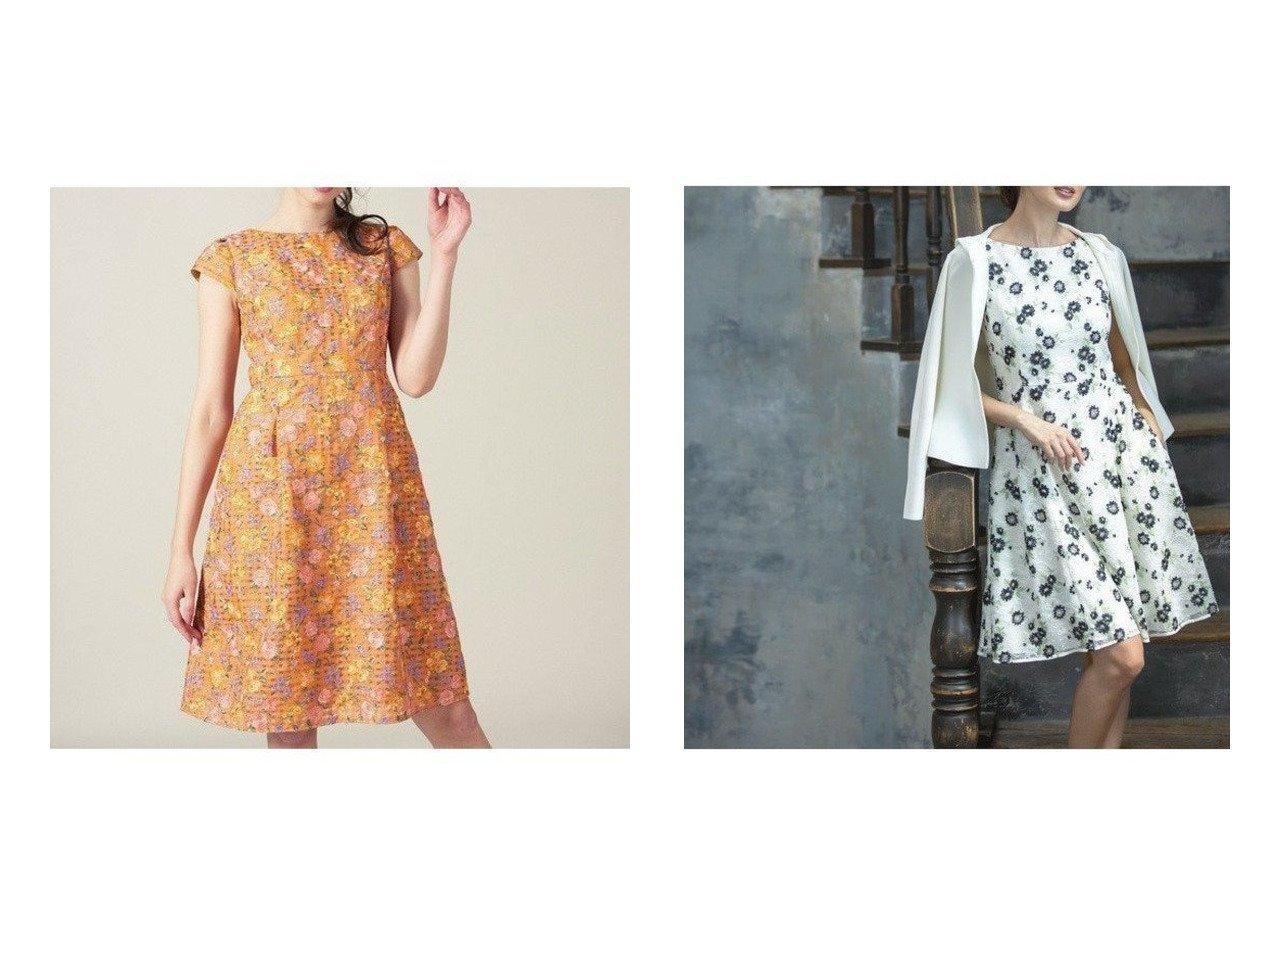 【TOCCA/トッカ】の【洗える!】SPRING BOUQUET ドレス&【洗える!】SIMONE ドレス ワンピース・ドレスのおすすめ!人気、レディースファッションの通販  おすすめで人気のファッション通販商品 インテリア・家具・キッズファッション・メンズファッション・レディースファッション・服の通販 founy(ファニー) https://founy.com/ ファッション Fashion レディース WOMEN ワンピース Dress ドレス Party Dresses スプリング ドレス |ID:crp329100000001037